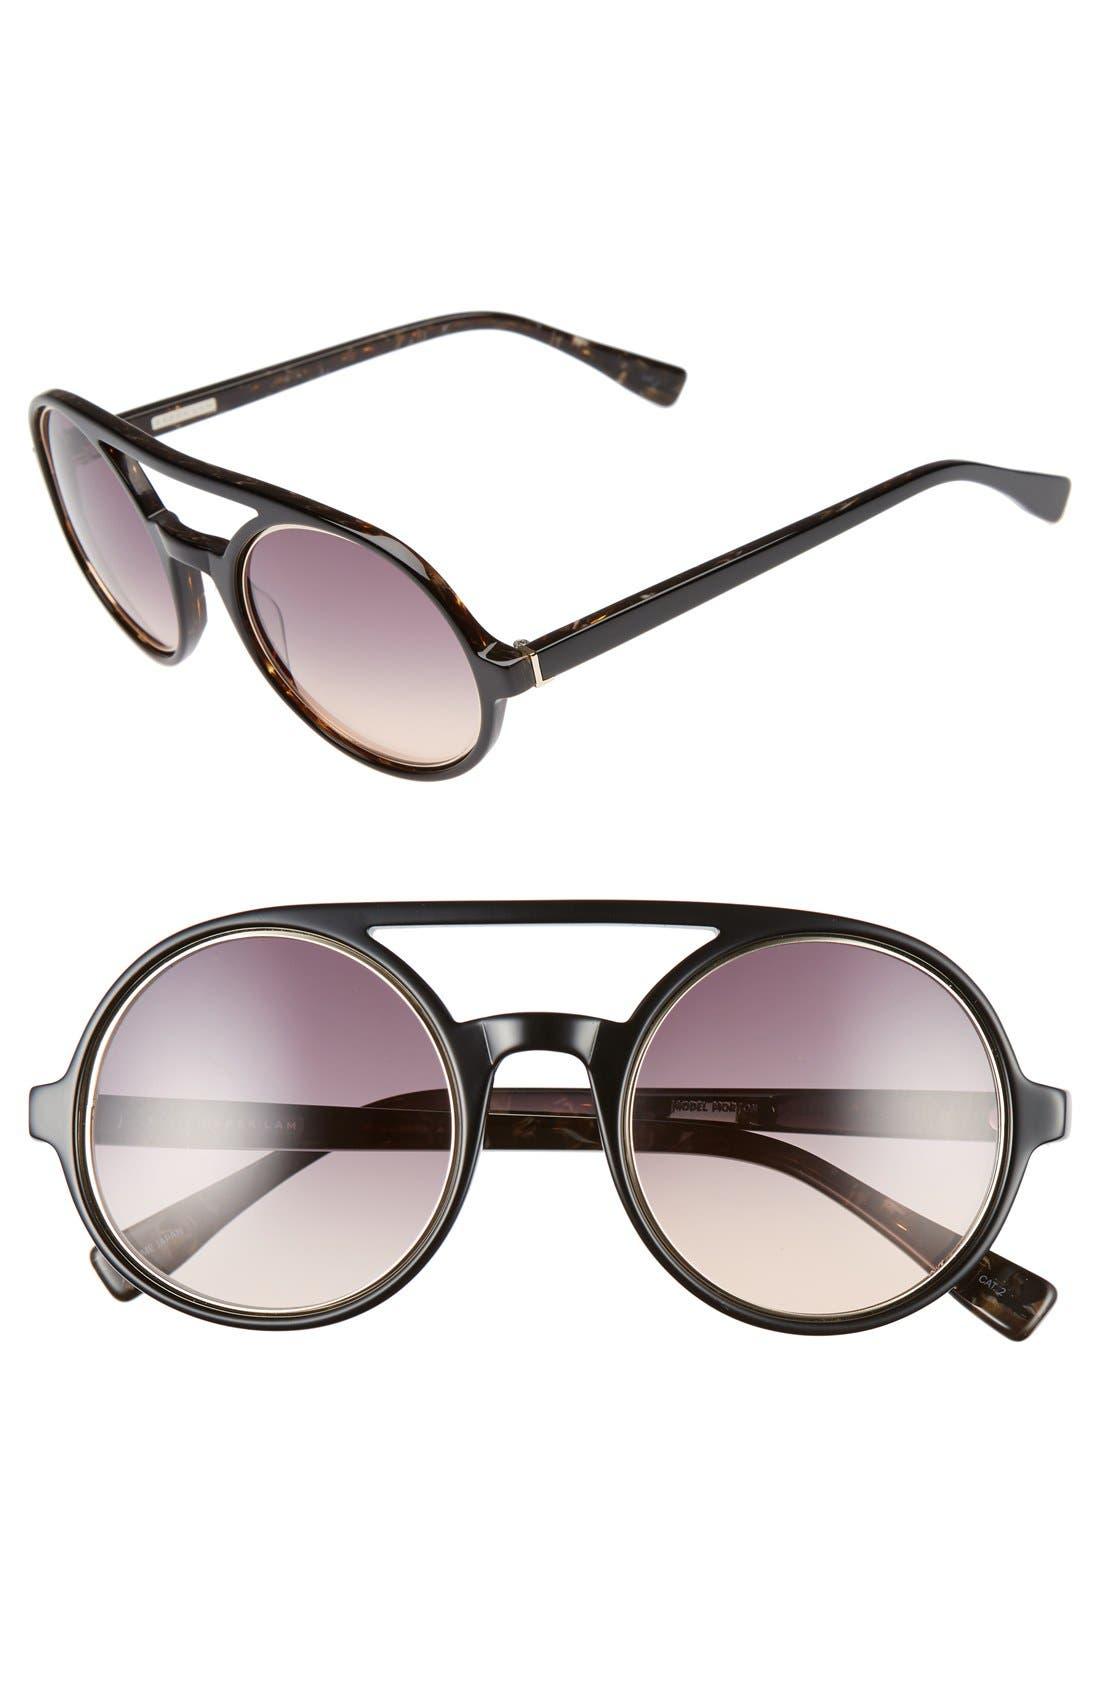 Main Image - Derek Lam 'Morton' 52mm Sunglasses